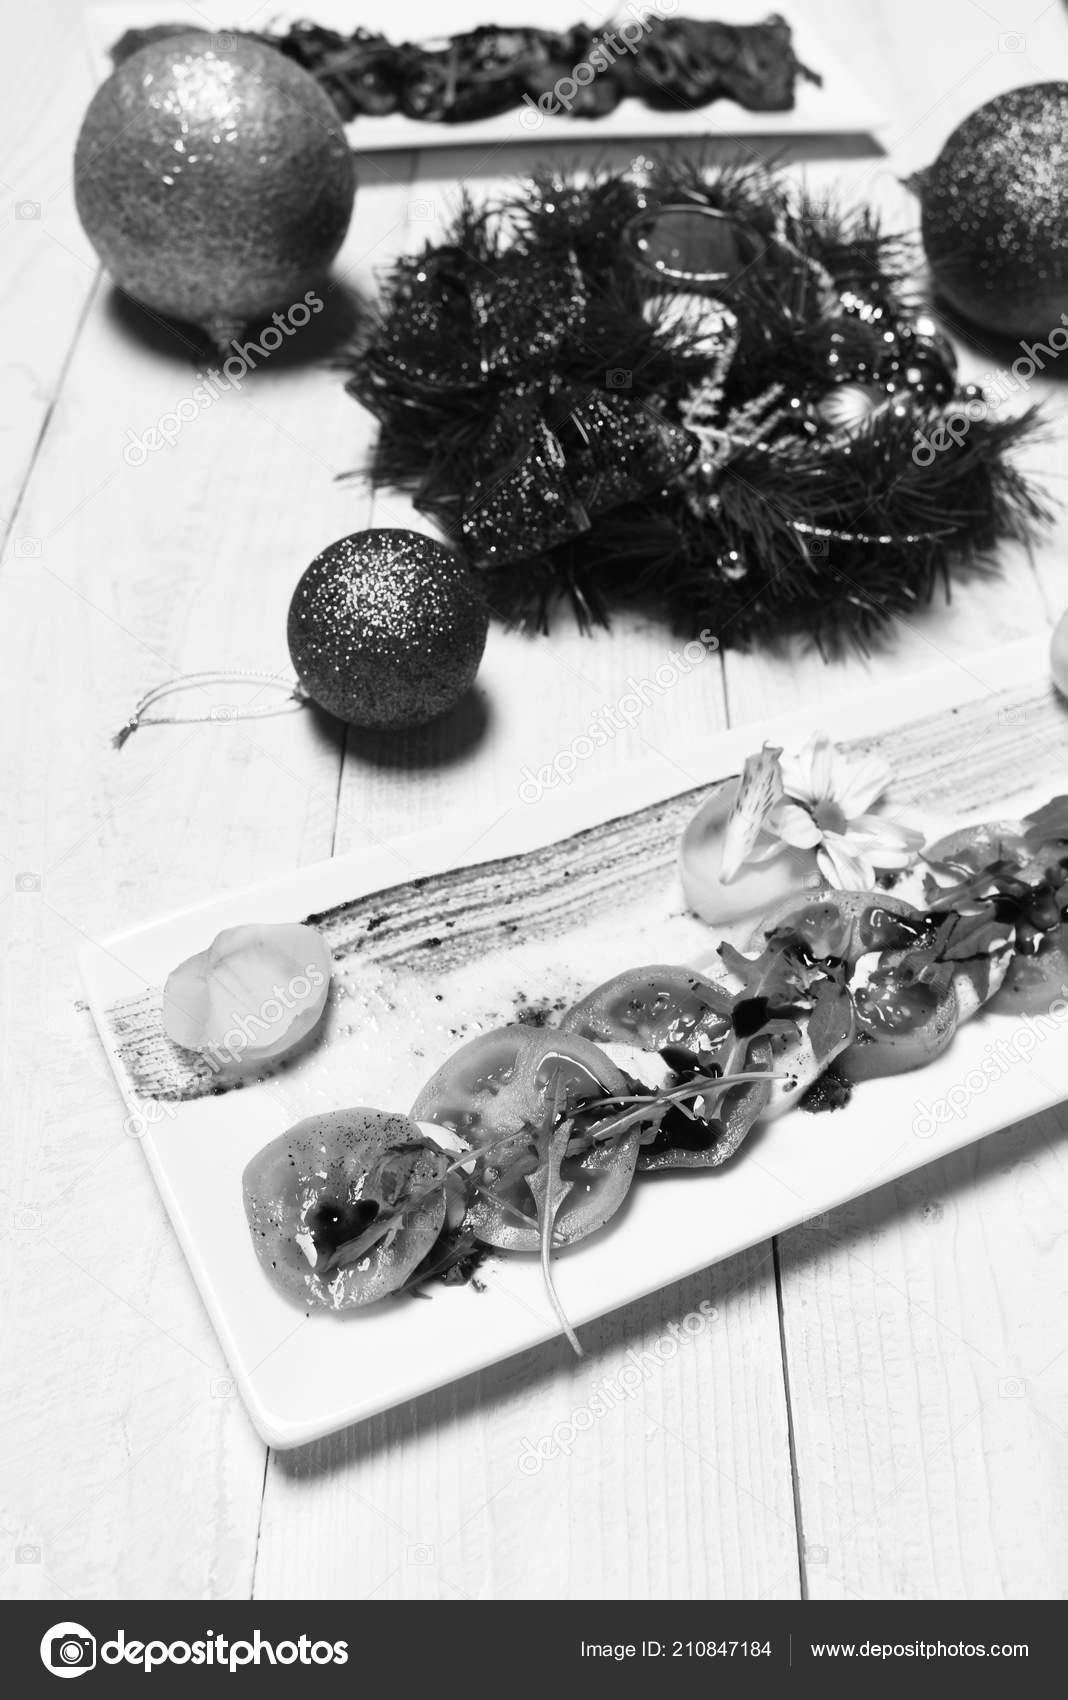 Antipasti Di Natale La Cucina Italiana.Gli Antipasti Della Cucina Italiana E Corona Di Natale Su Fondo Di